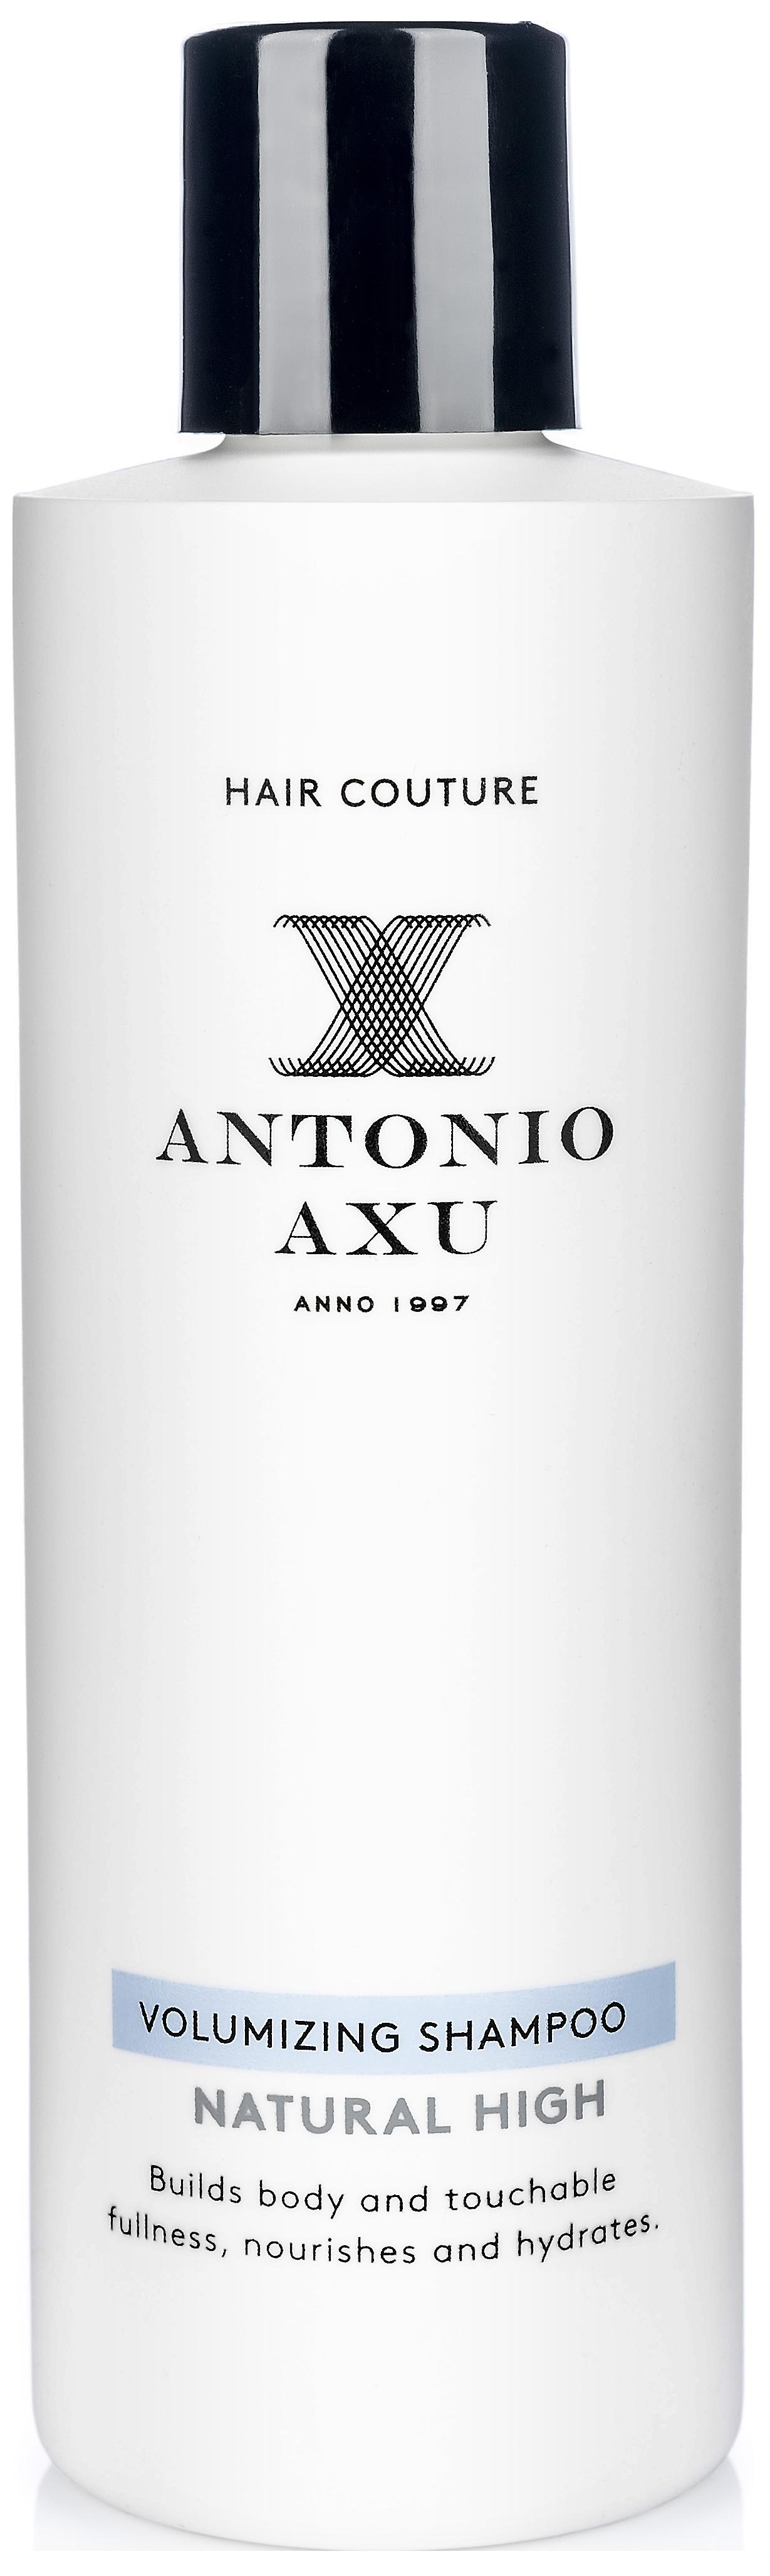 Antonio Axu - Volumizing Shampoo 250 ml